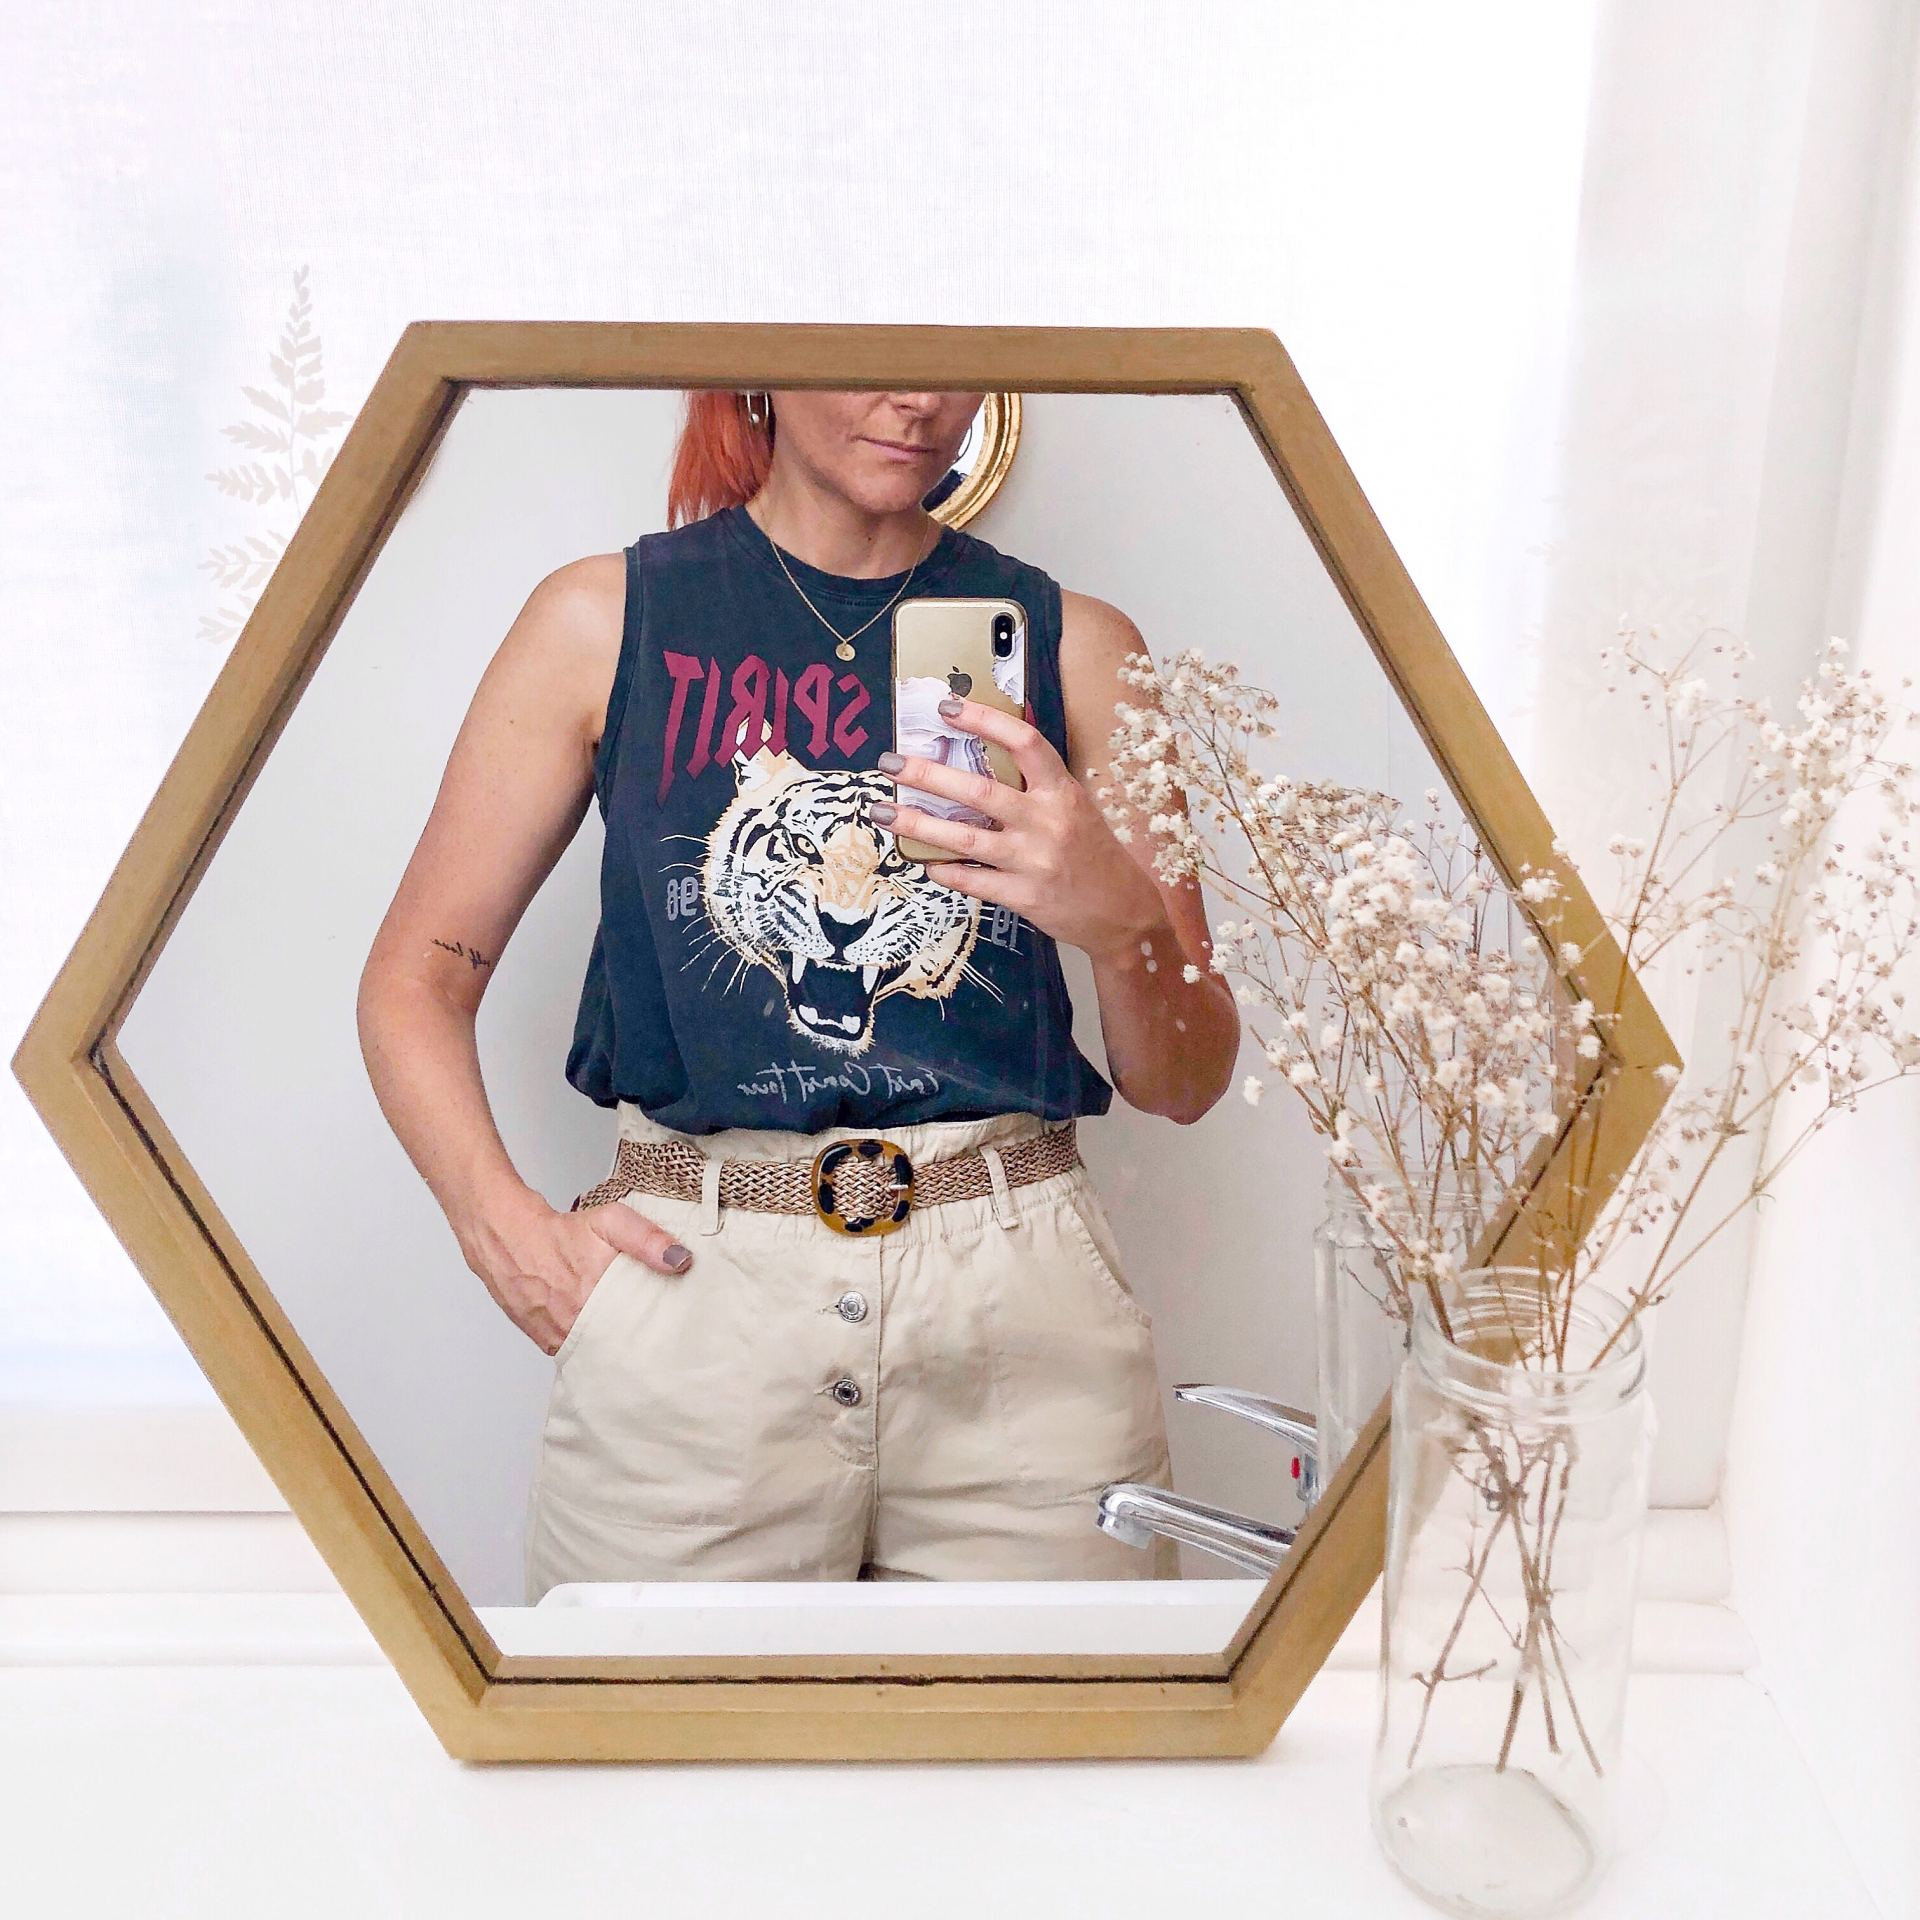 mirror selfie outfit rock tee